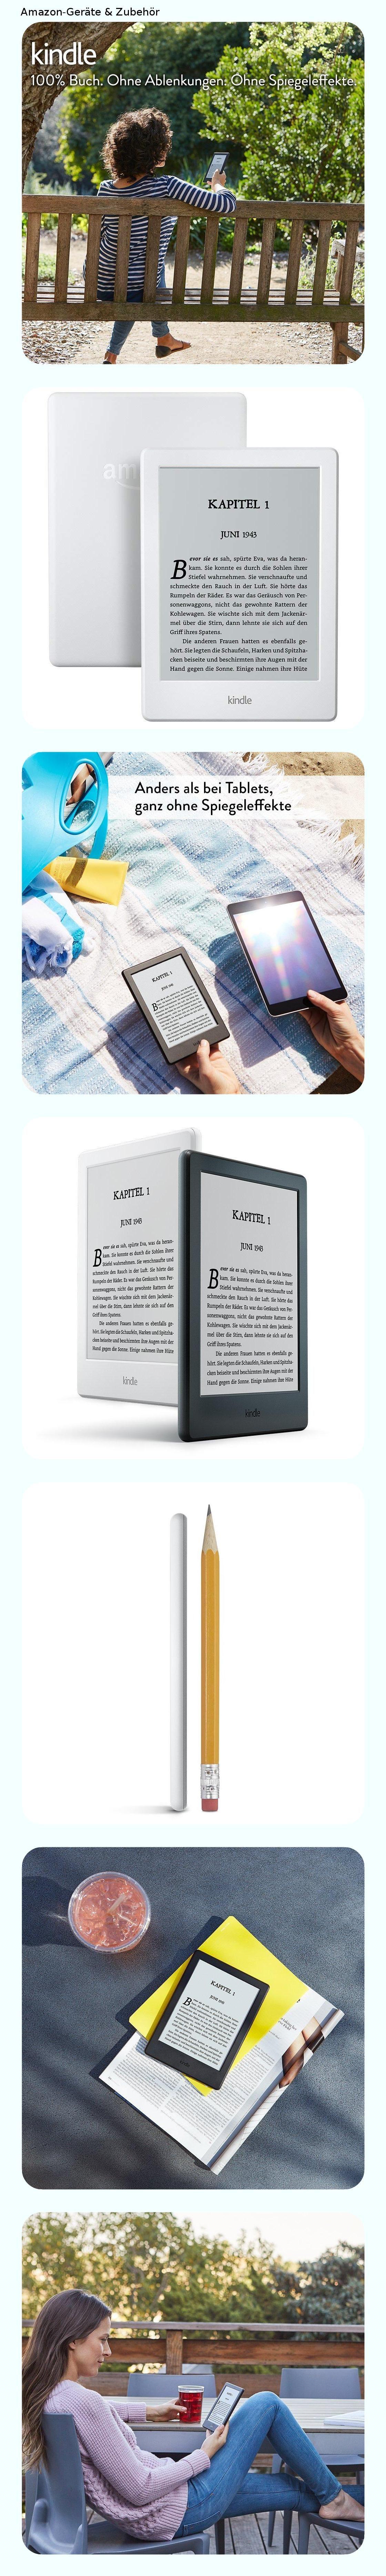 Kindle Ereader Zertifiziert Und Generaluberholt 15 2 Cm 6 Zoll Touchscreen Ohne Spiegeleffekte Wlan Weiss Mit Spezia In 2019 Kindle Spiegel Und Zoll